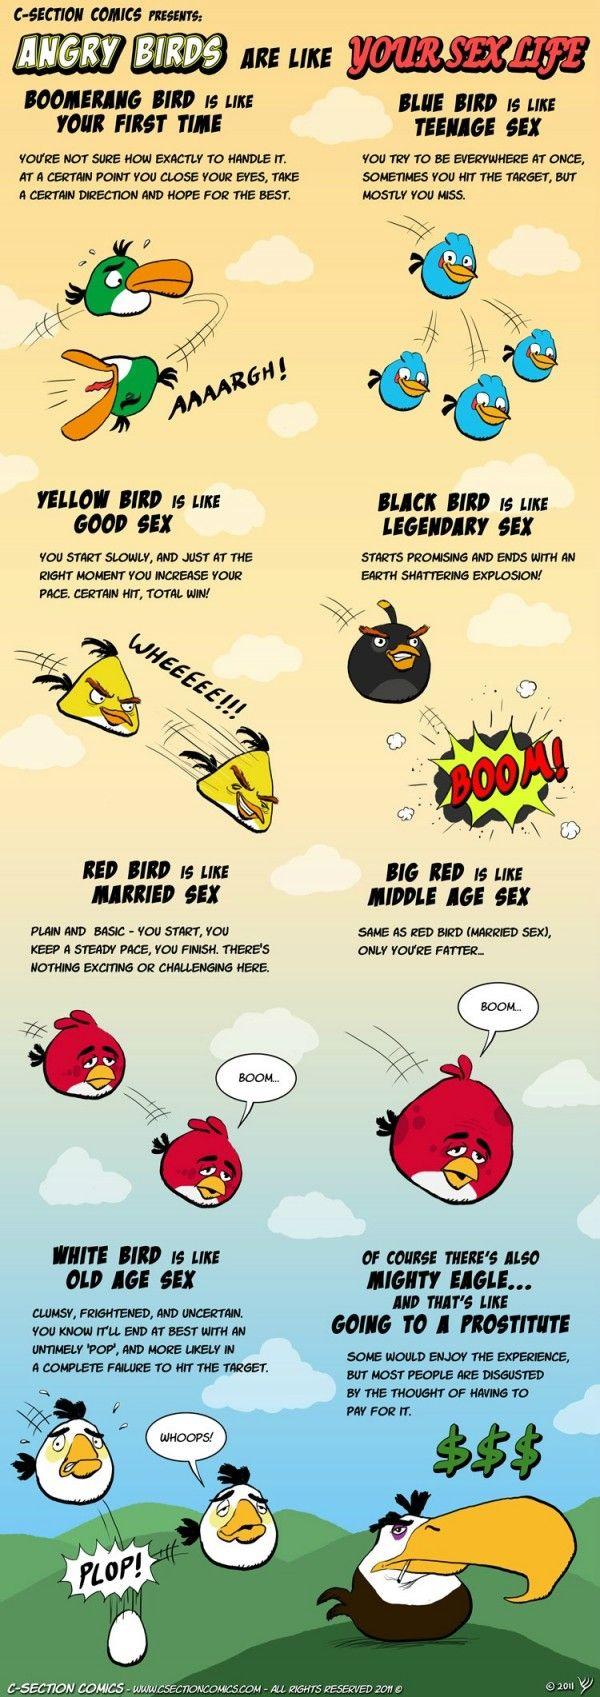 Saiba porque o jogo Angry Birds é igual a sua vida sexual